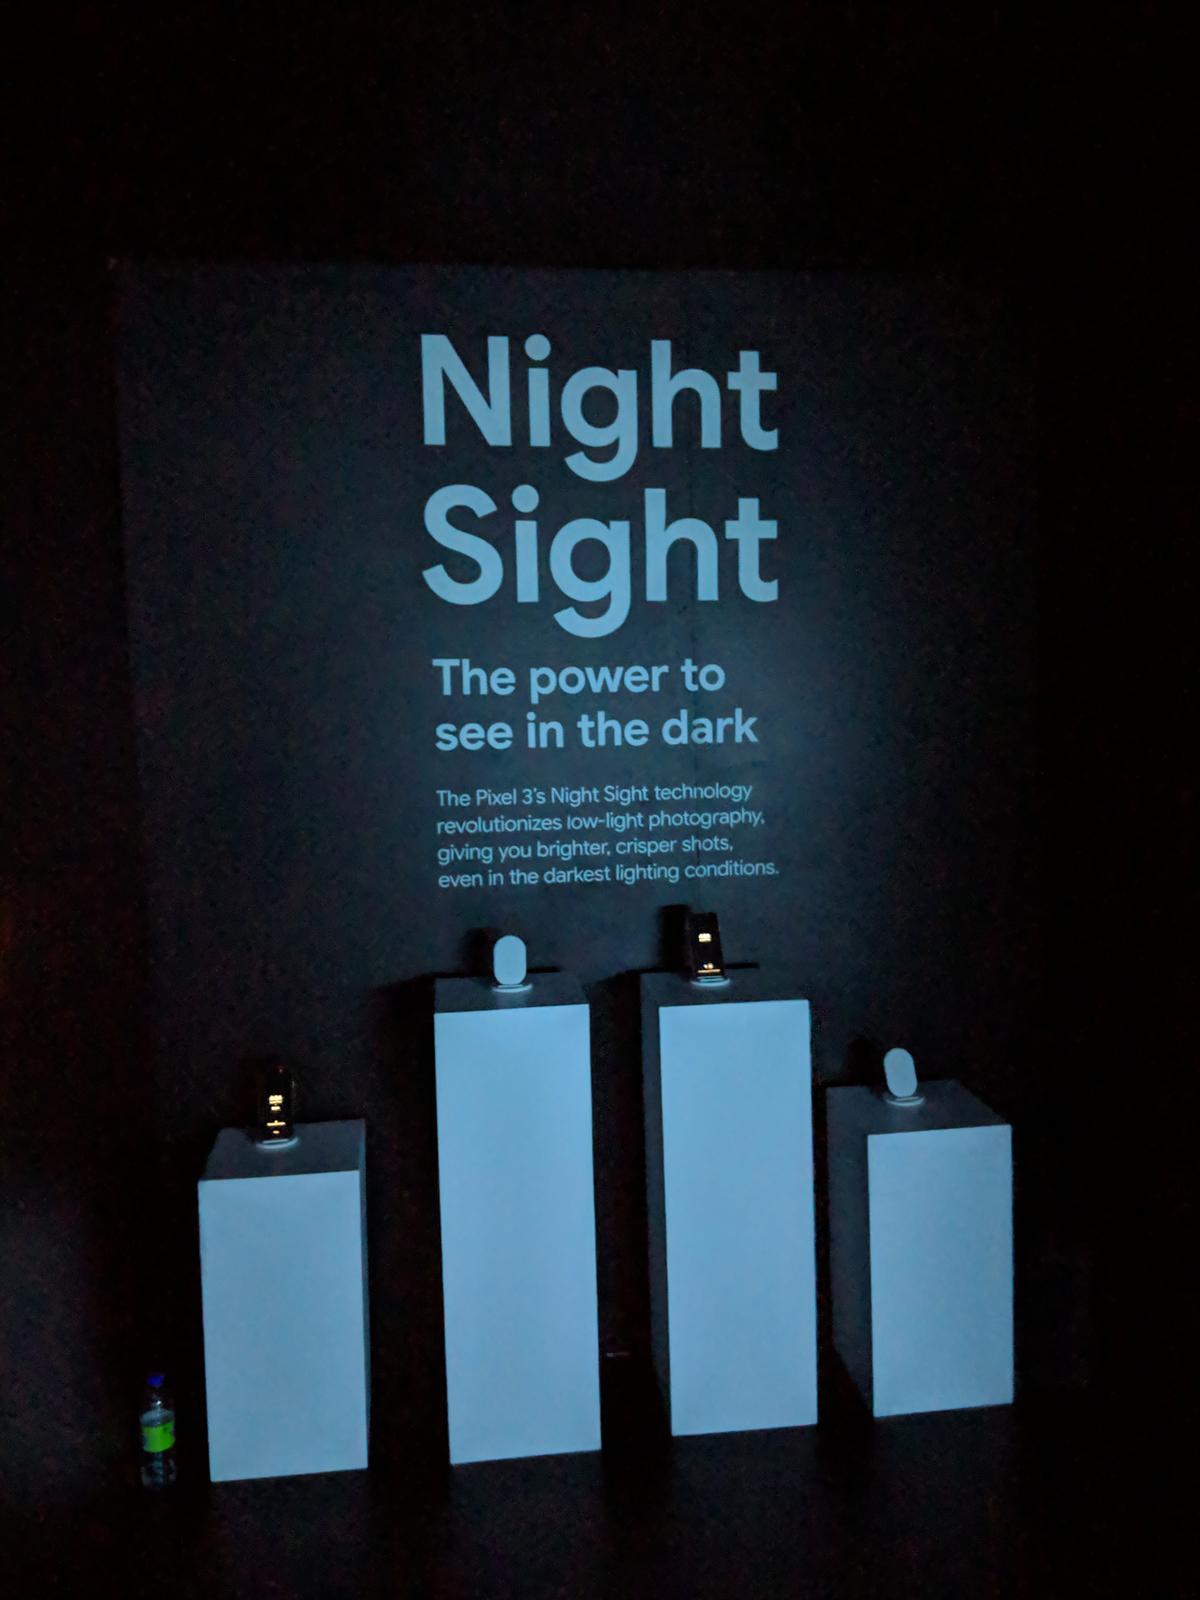 Pixel 2 XL (Night Sight)